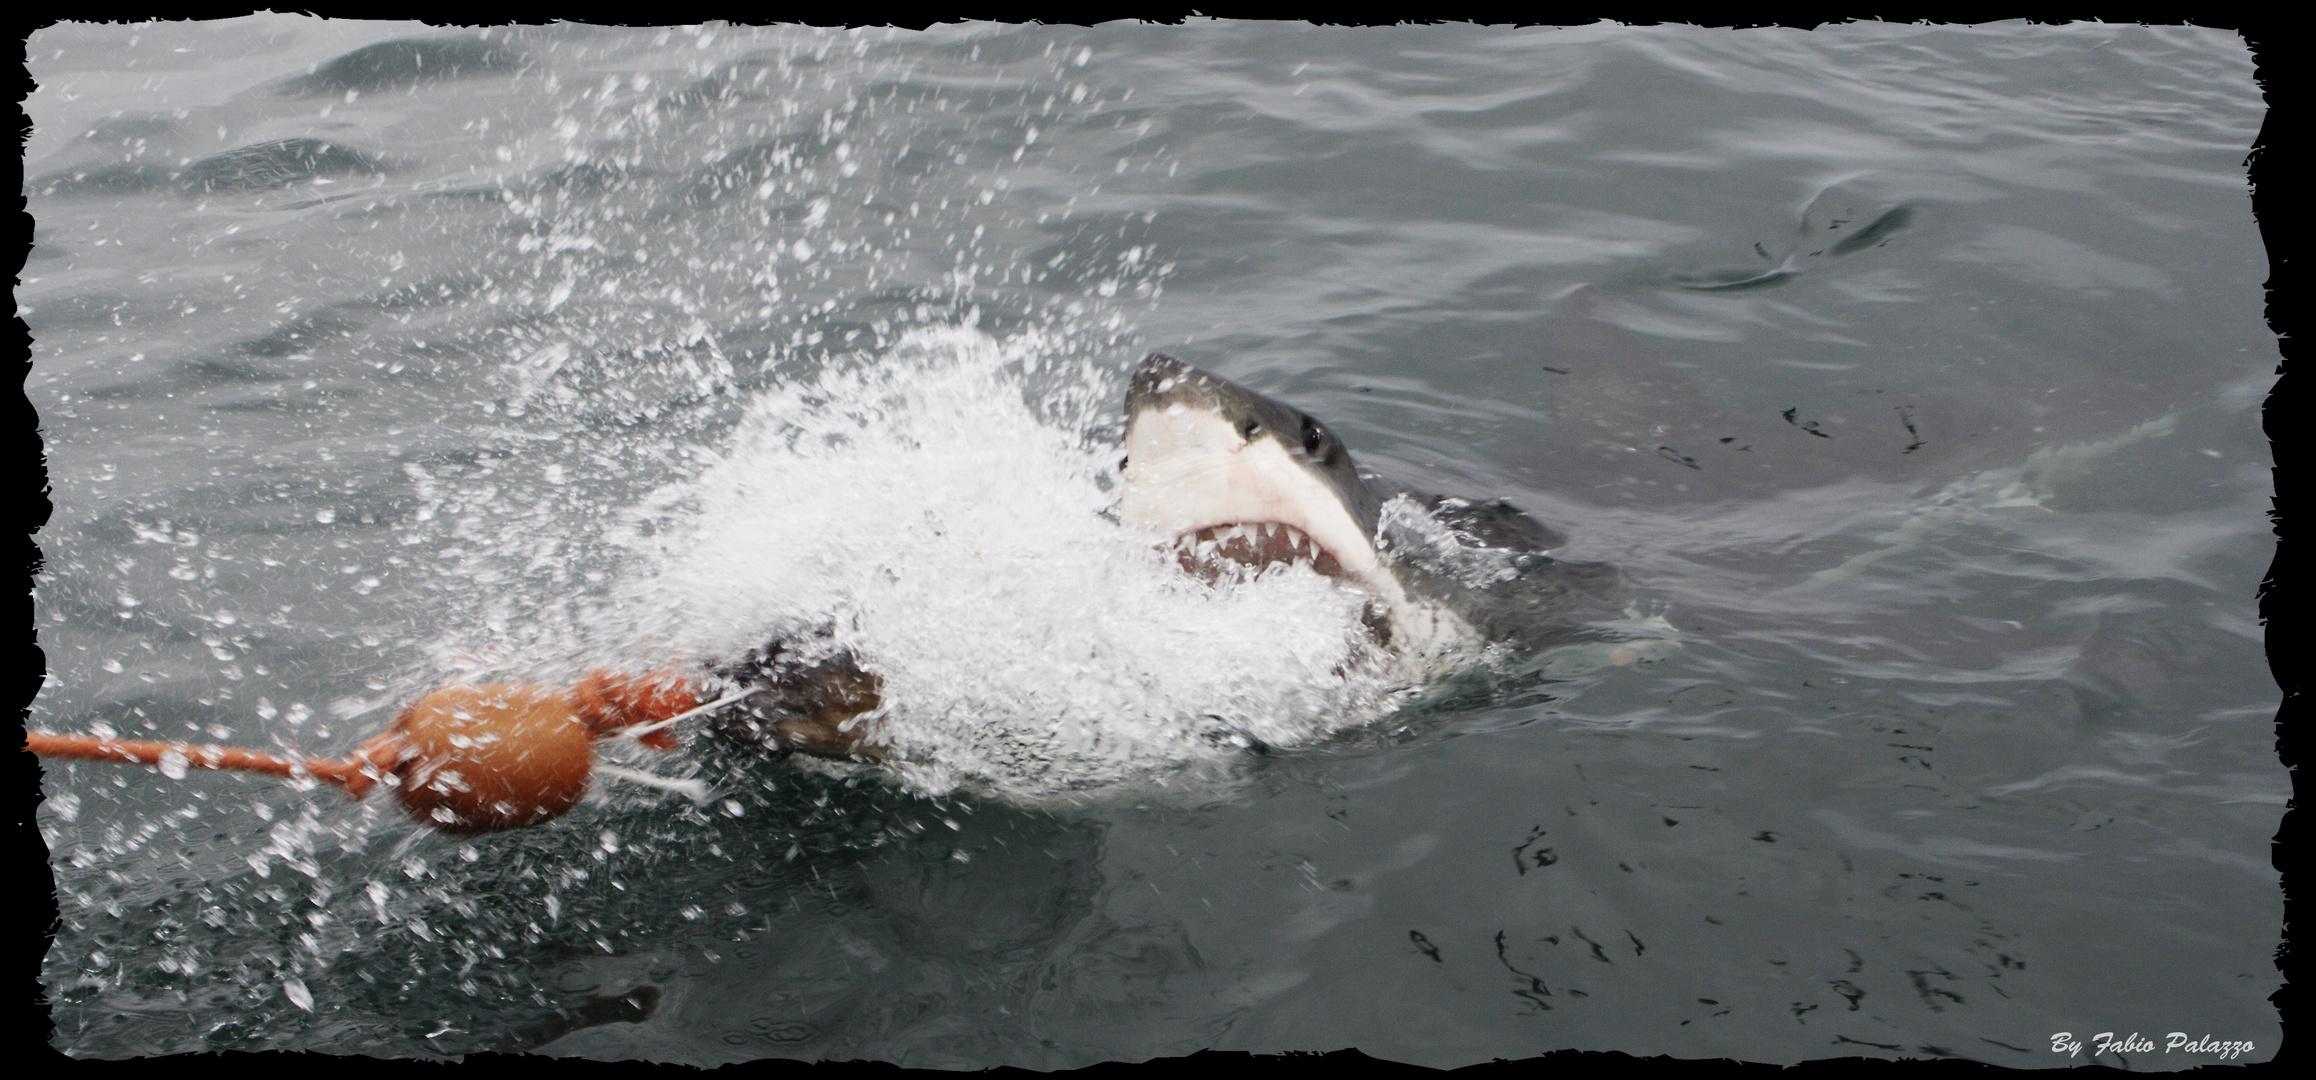 Great White Shark - Der grosse weisse Hai